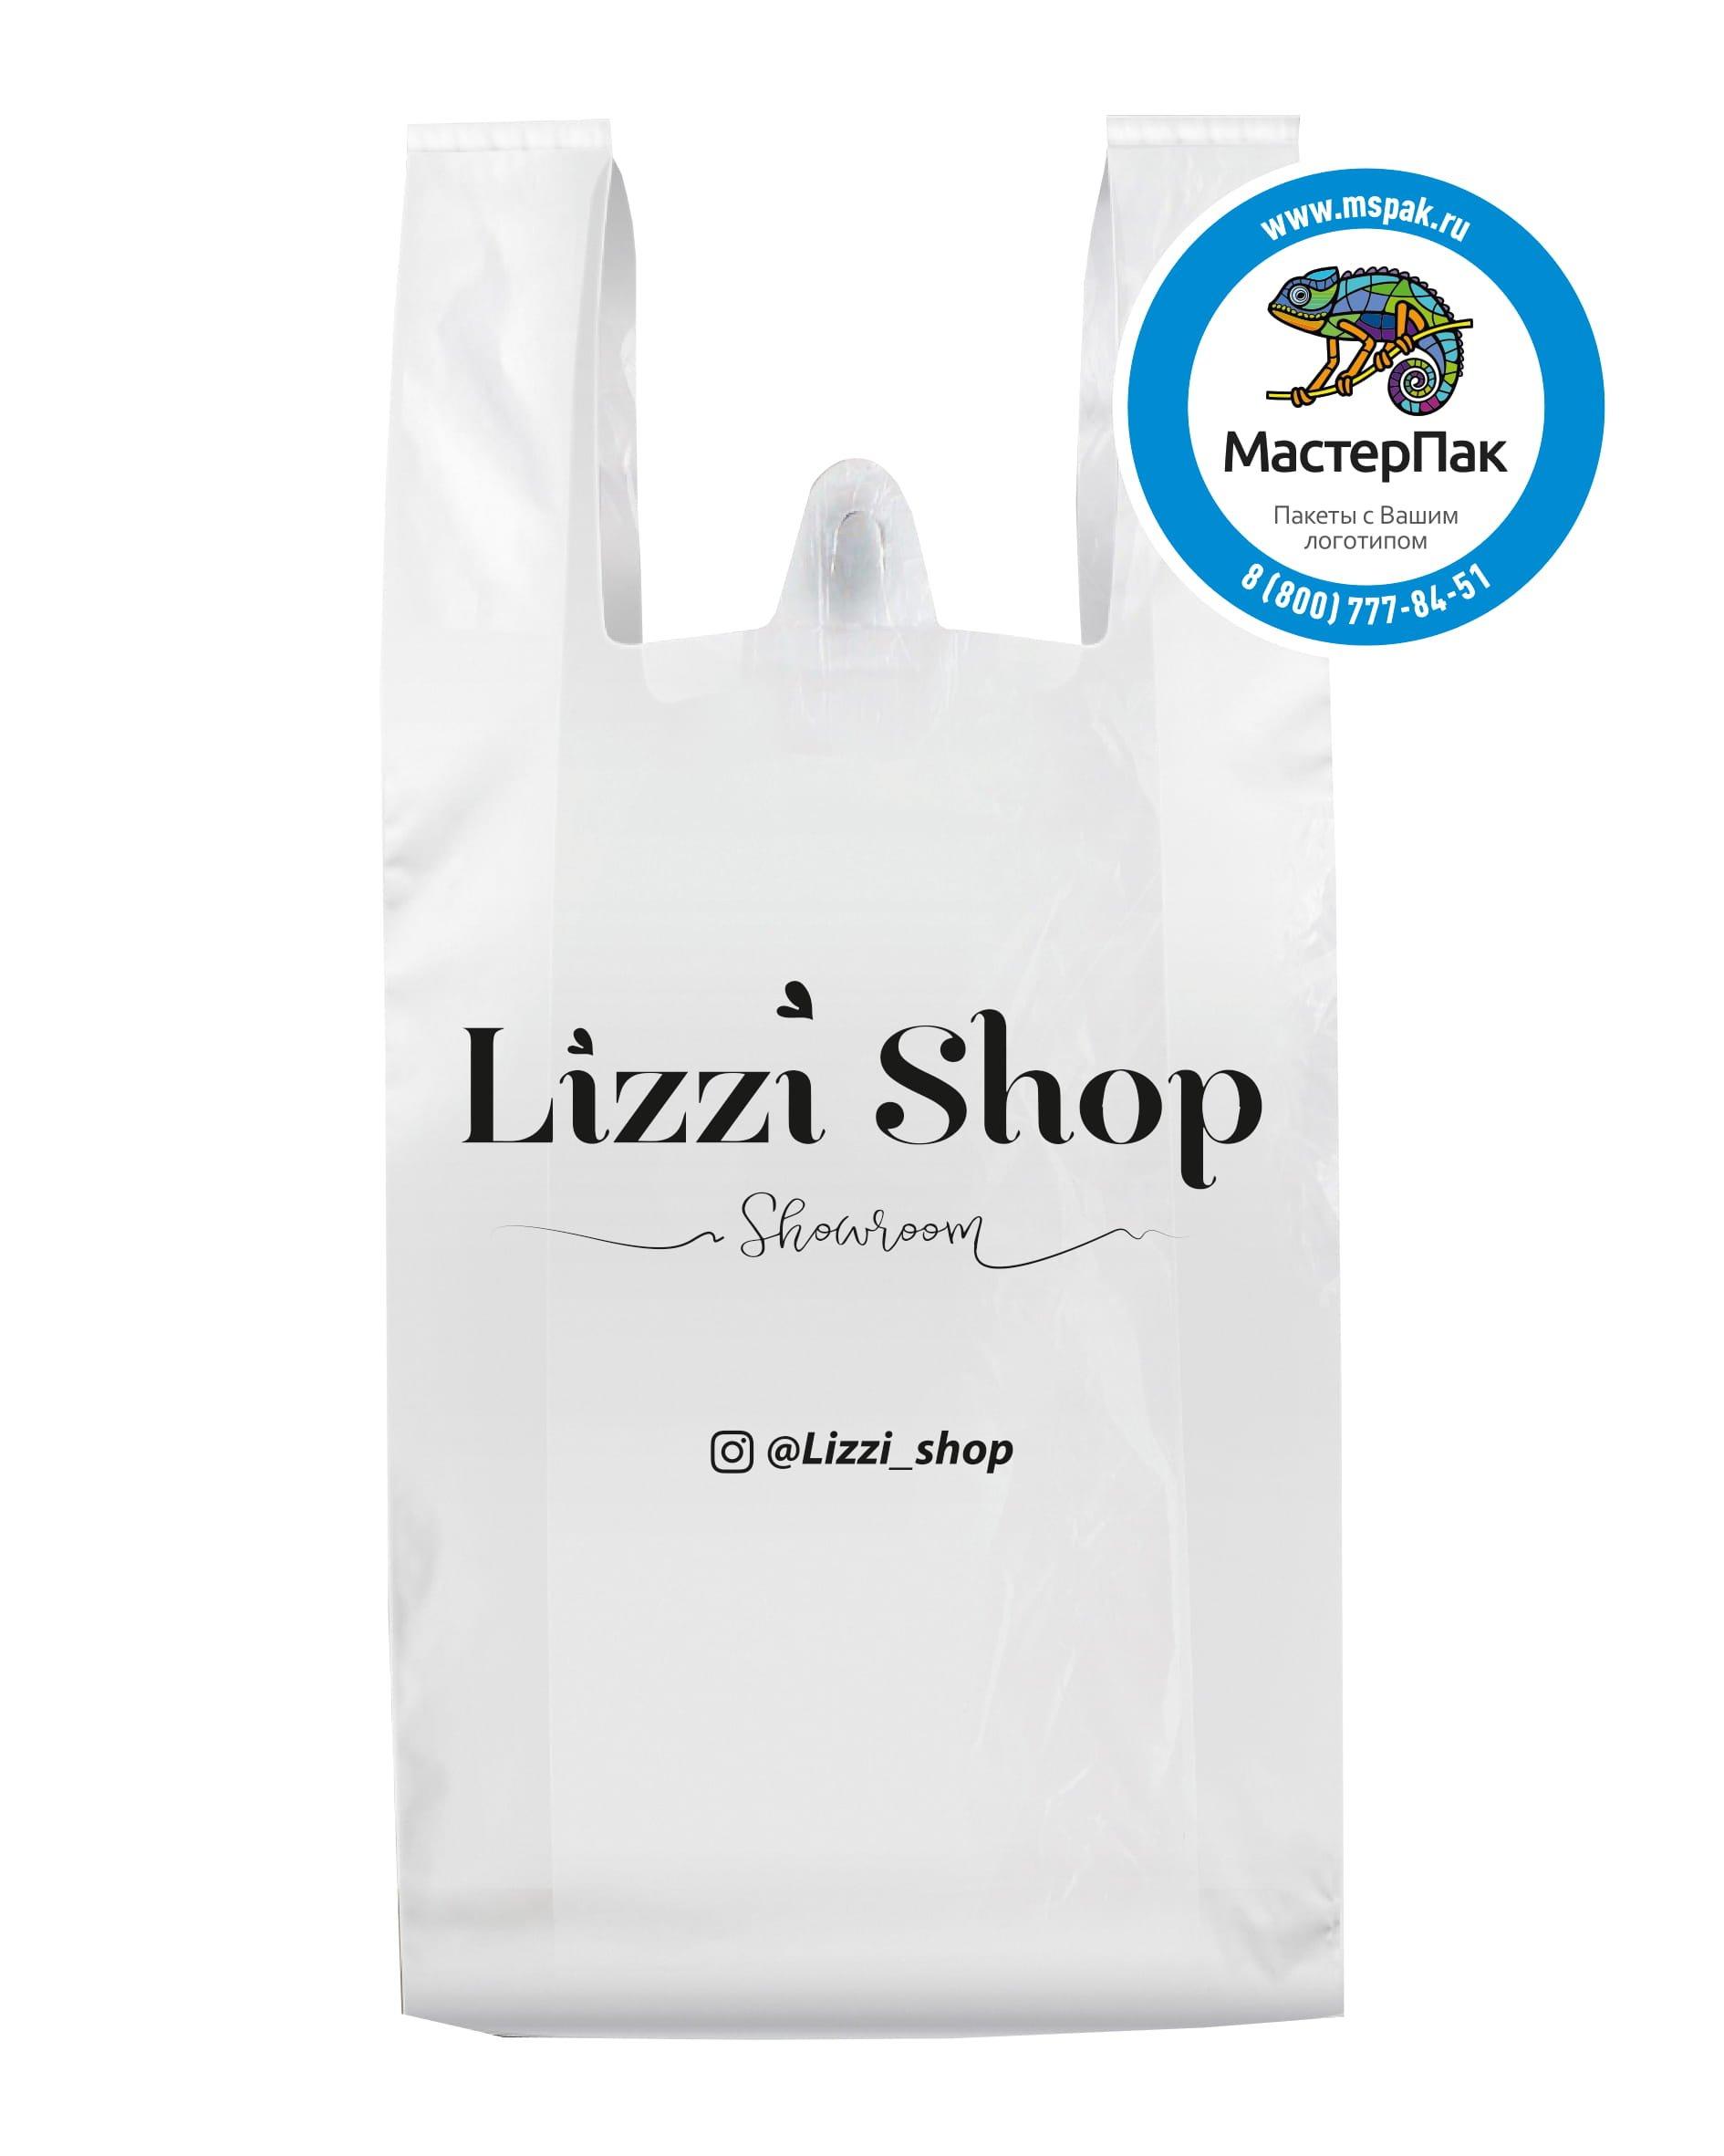 Пакет-майка ПВД с логотипом Lizzi Shop, 30 мкм, 40*60, белый